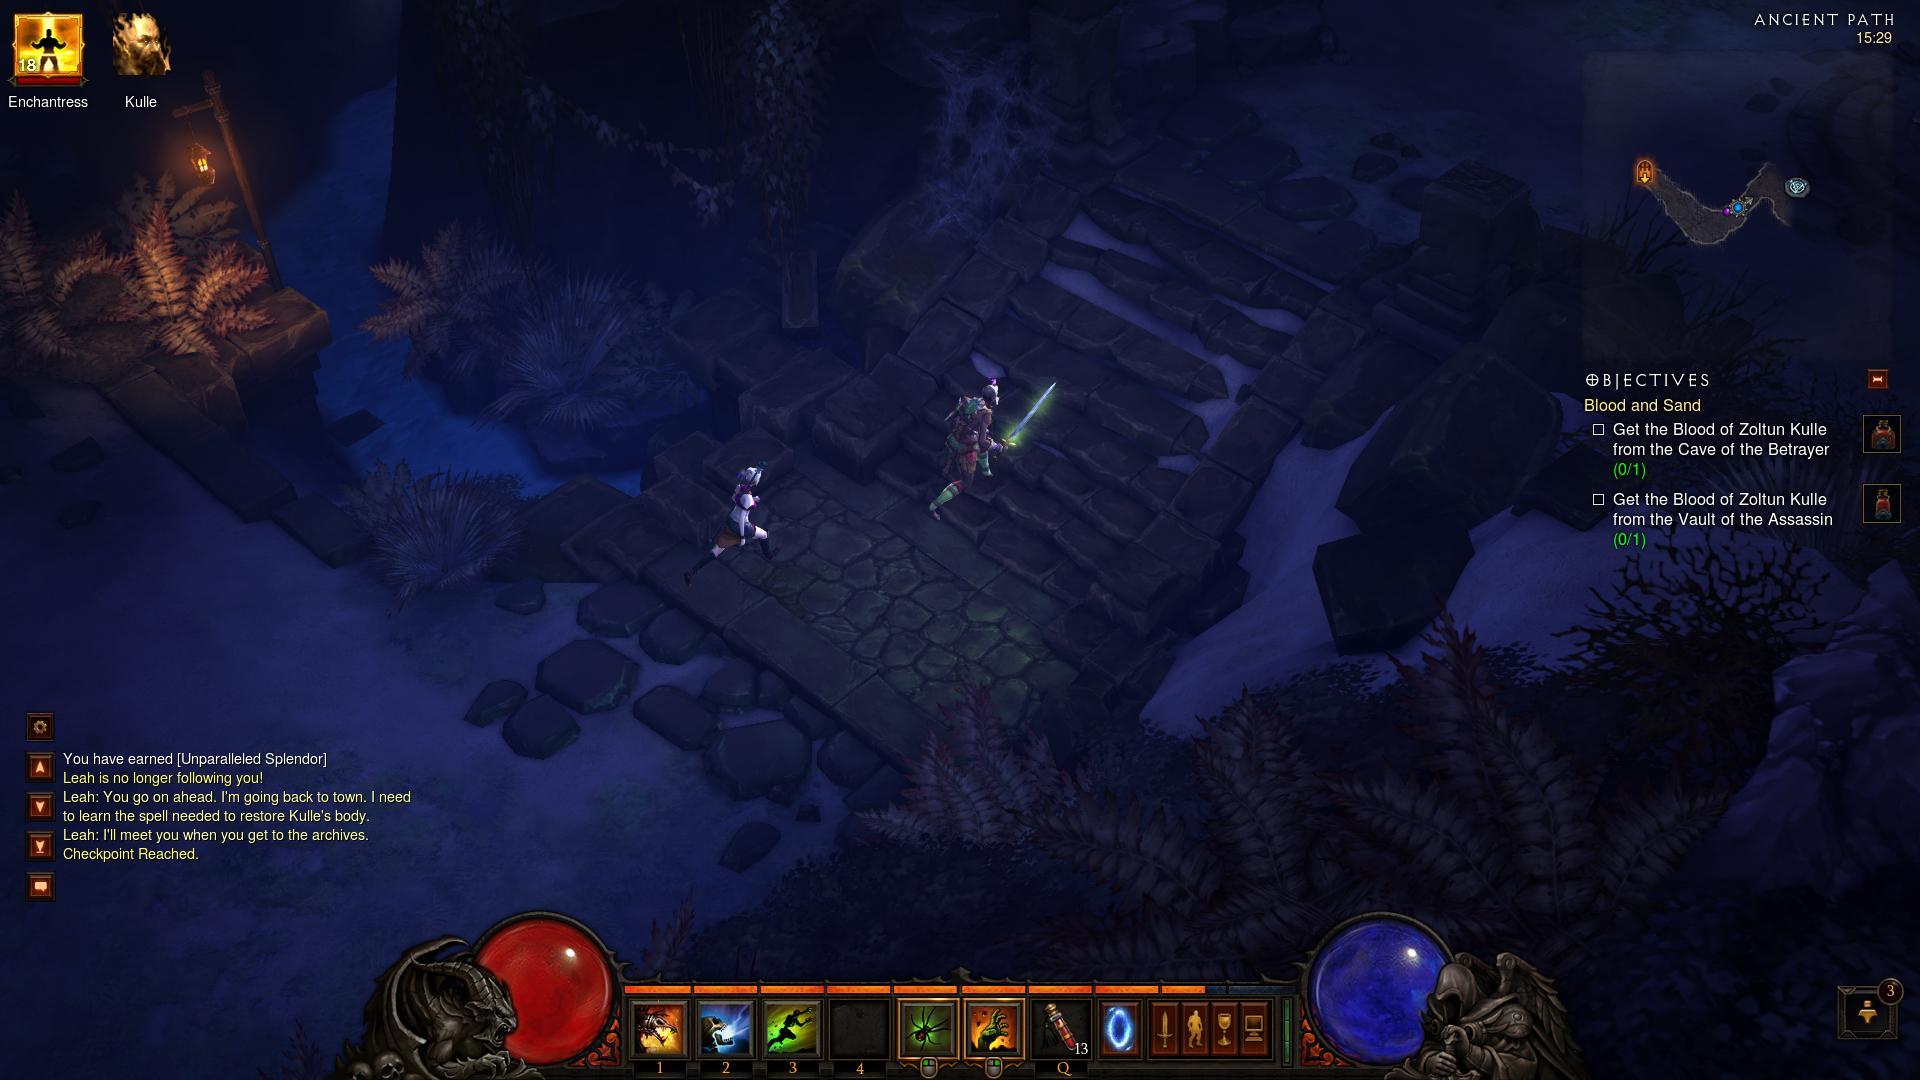 Diablo 3 Ancient Path d3 screenshot - Gamingcfg com